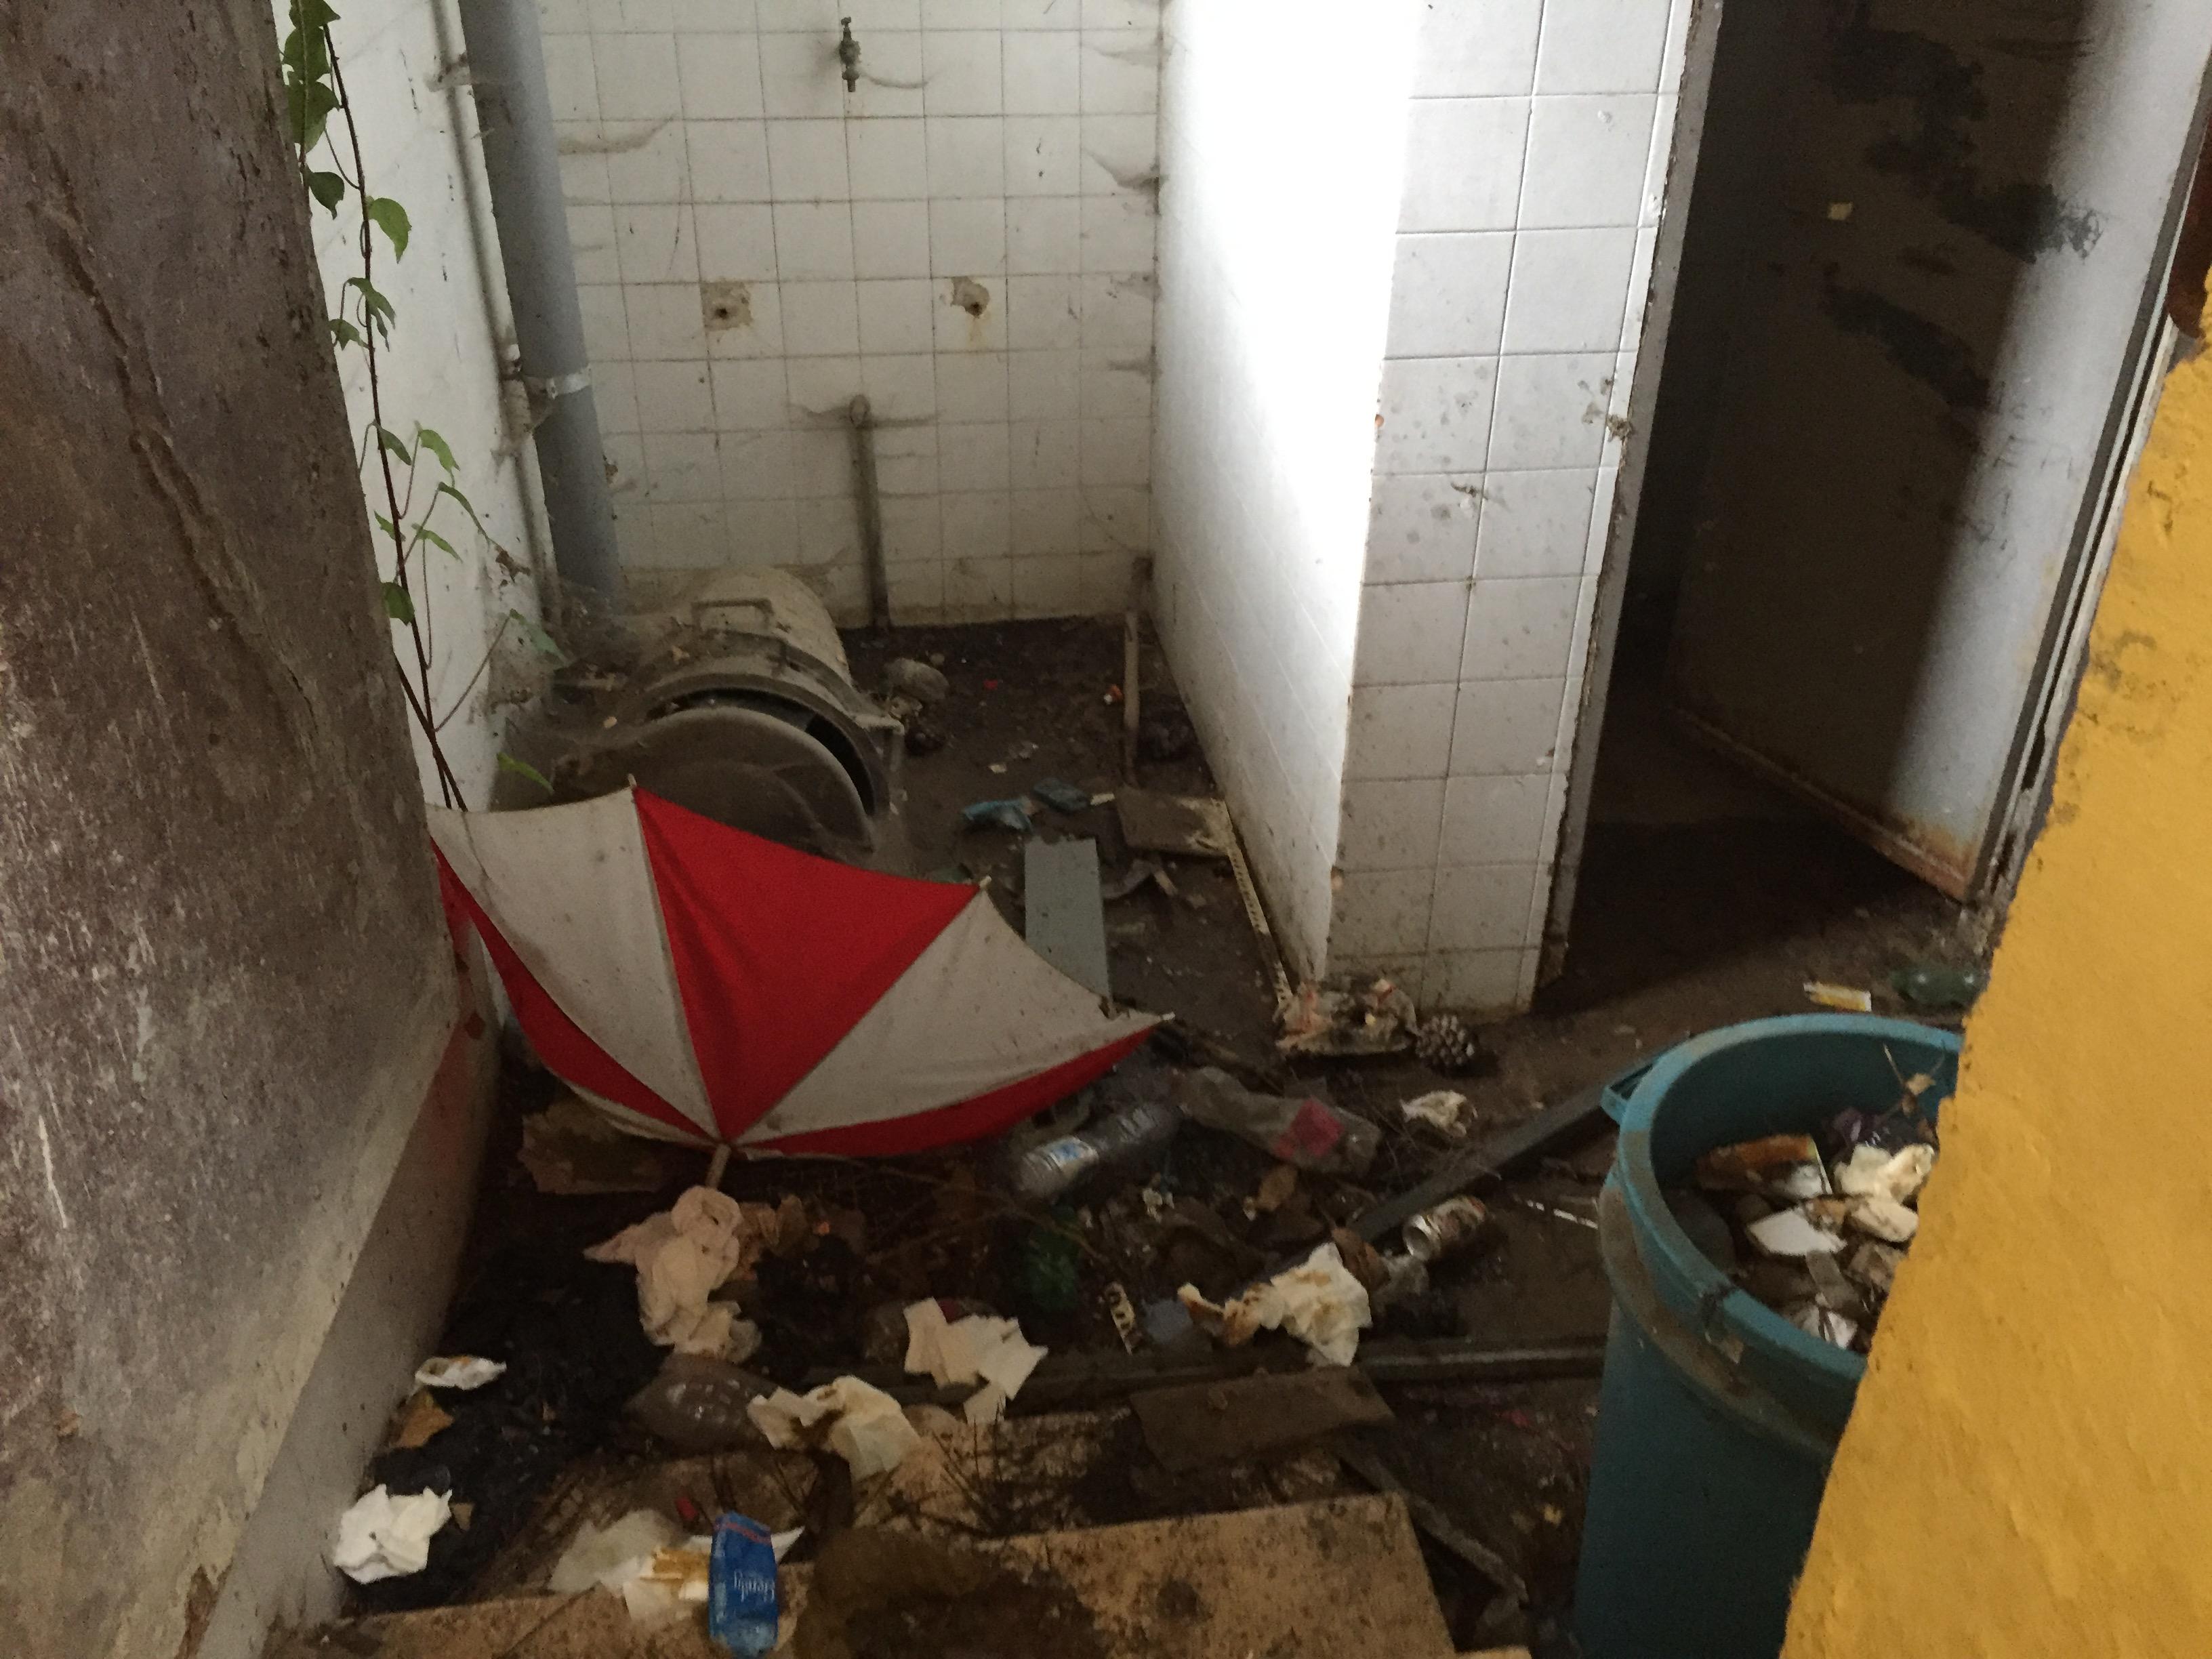 siringhe abbandonate, bagni pubblici e strutture fatiscenti, il ... - Arredo Bagno Foligno